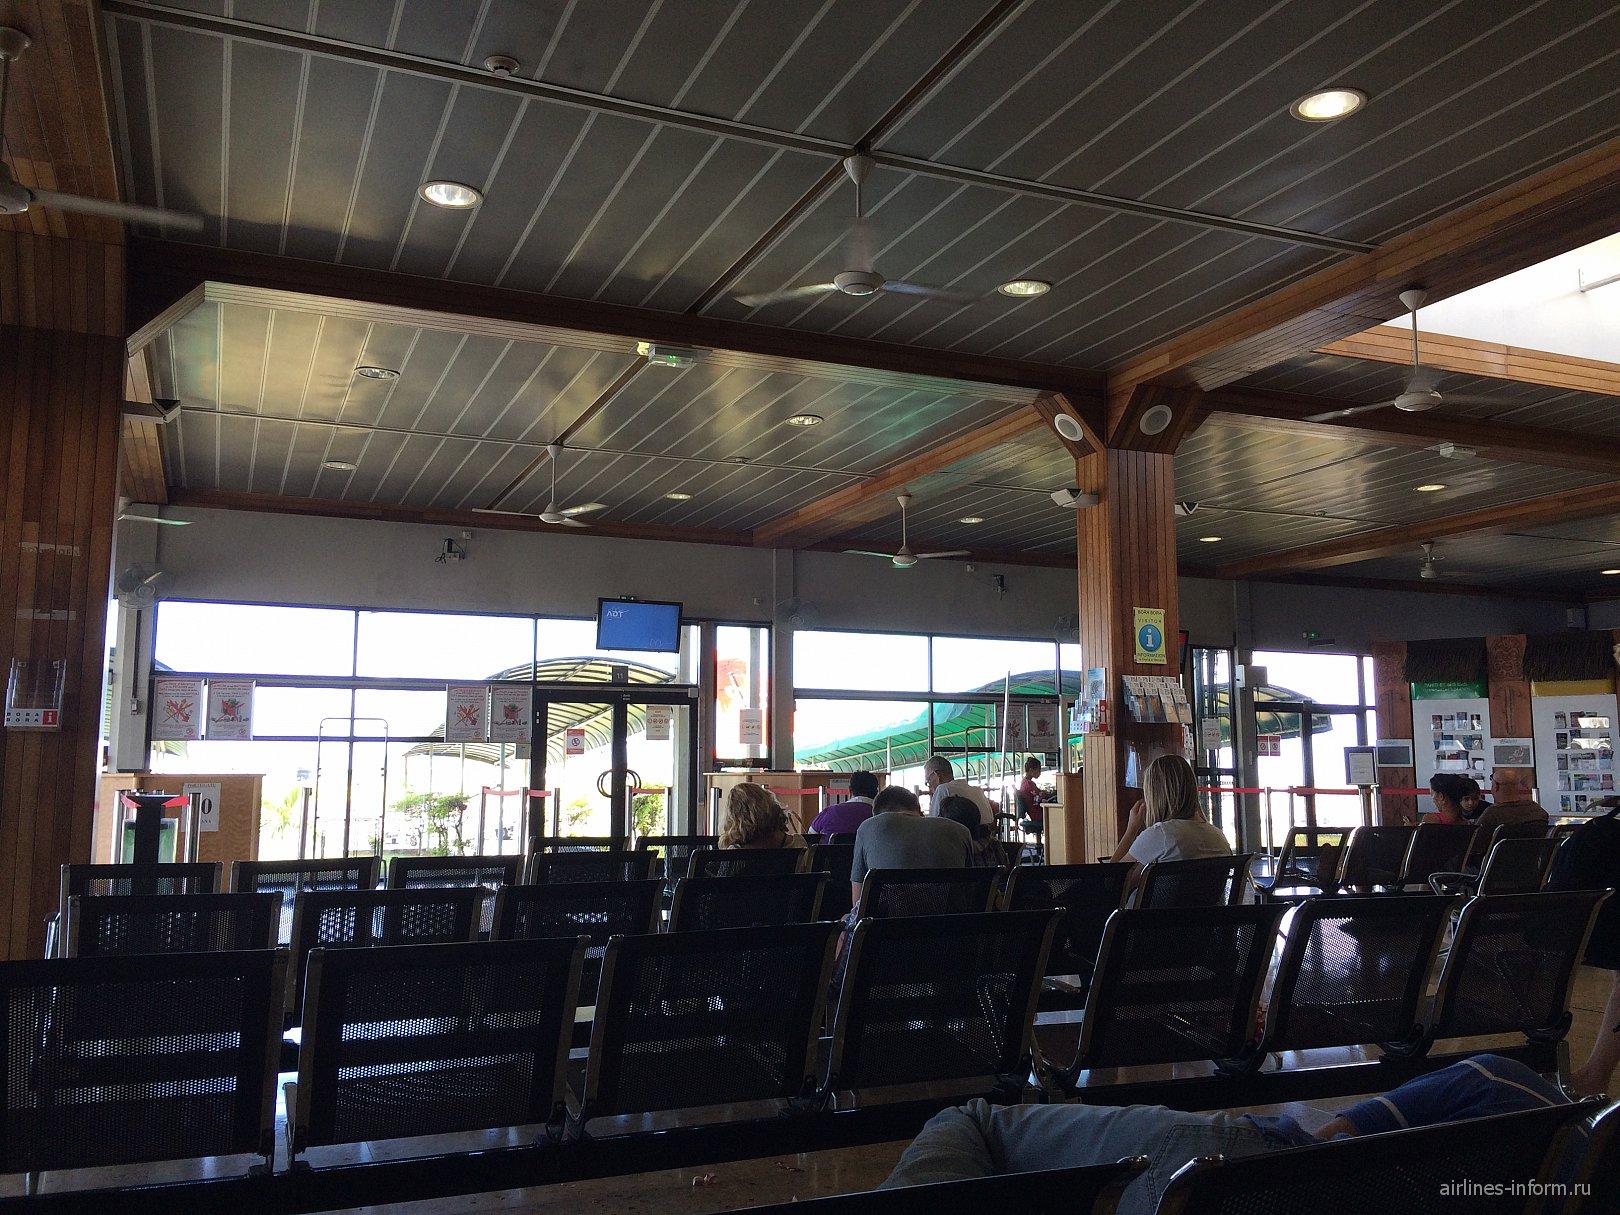 Зал вылета внутренних линий в аэропорту Папеэте Фаа